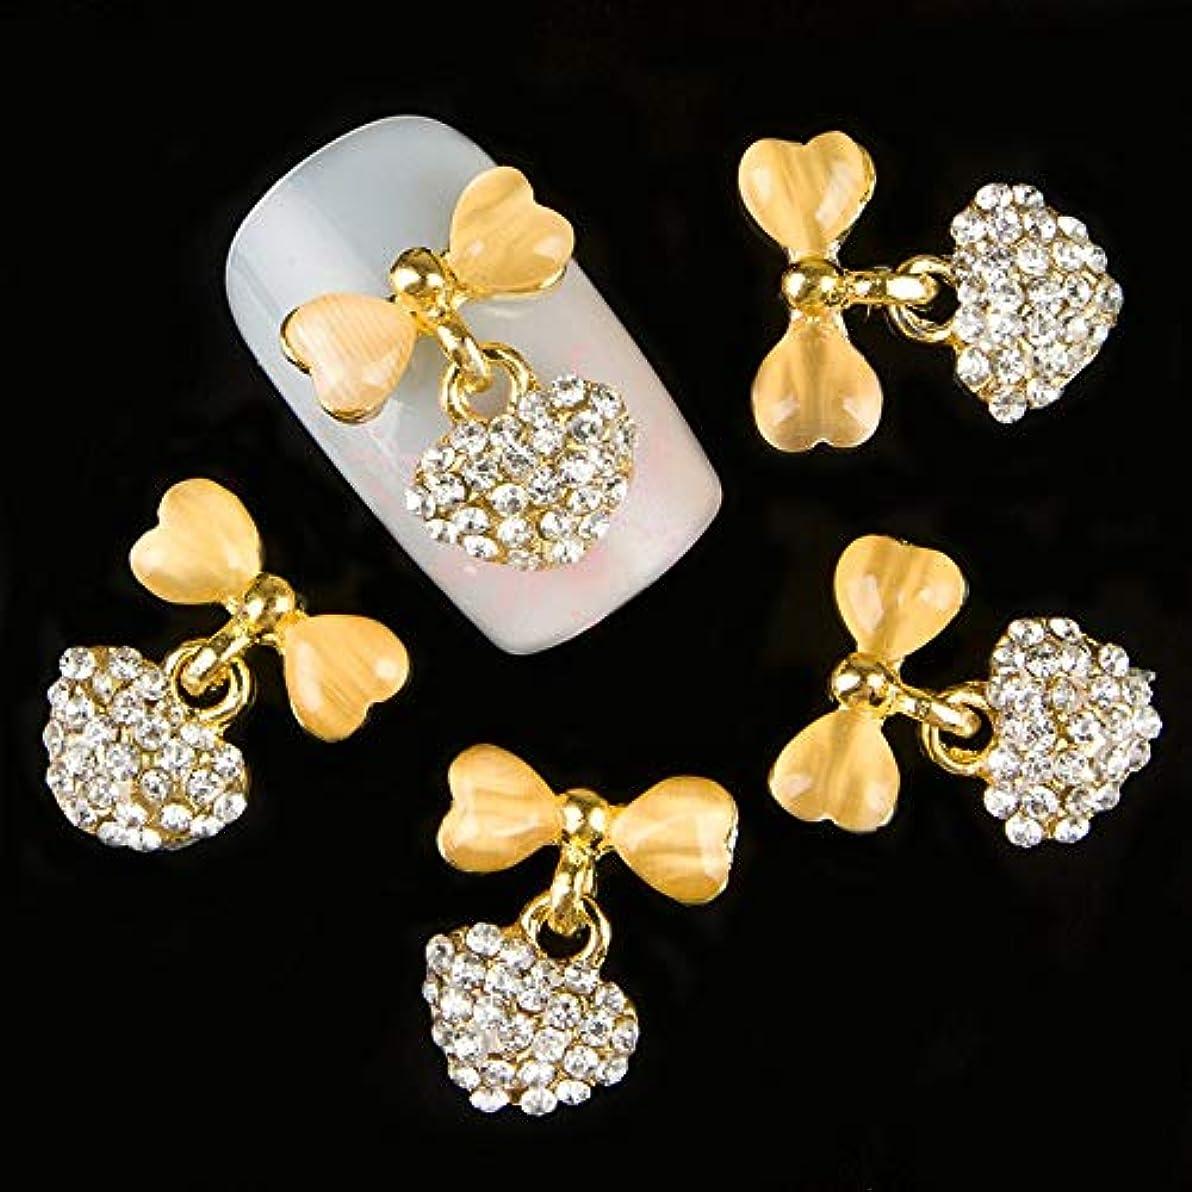 リラックスしたシャーロットブロンテ曇った10個入りの3D金の弓のきらめき宝石装飾ネイルアートのヒントデコレーションネイルスタッズラインストーン